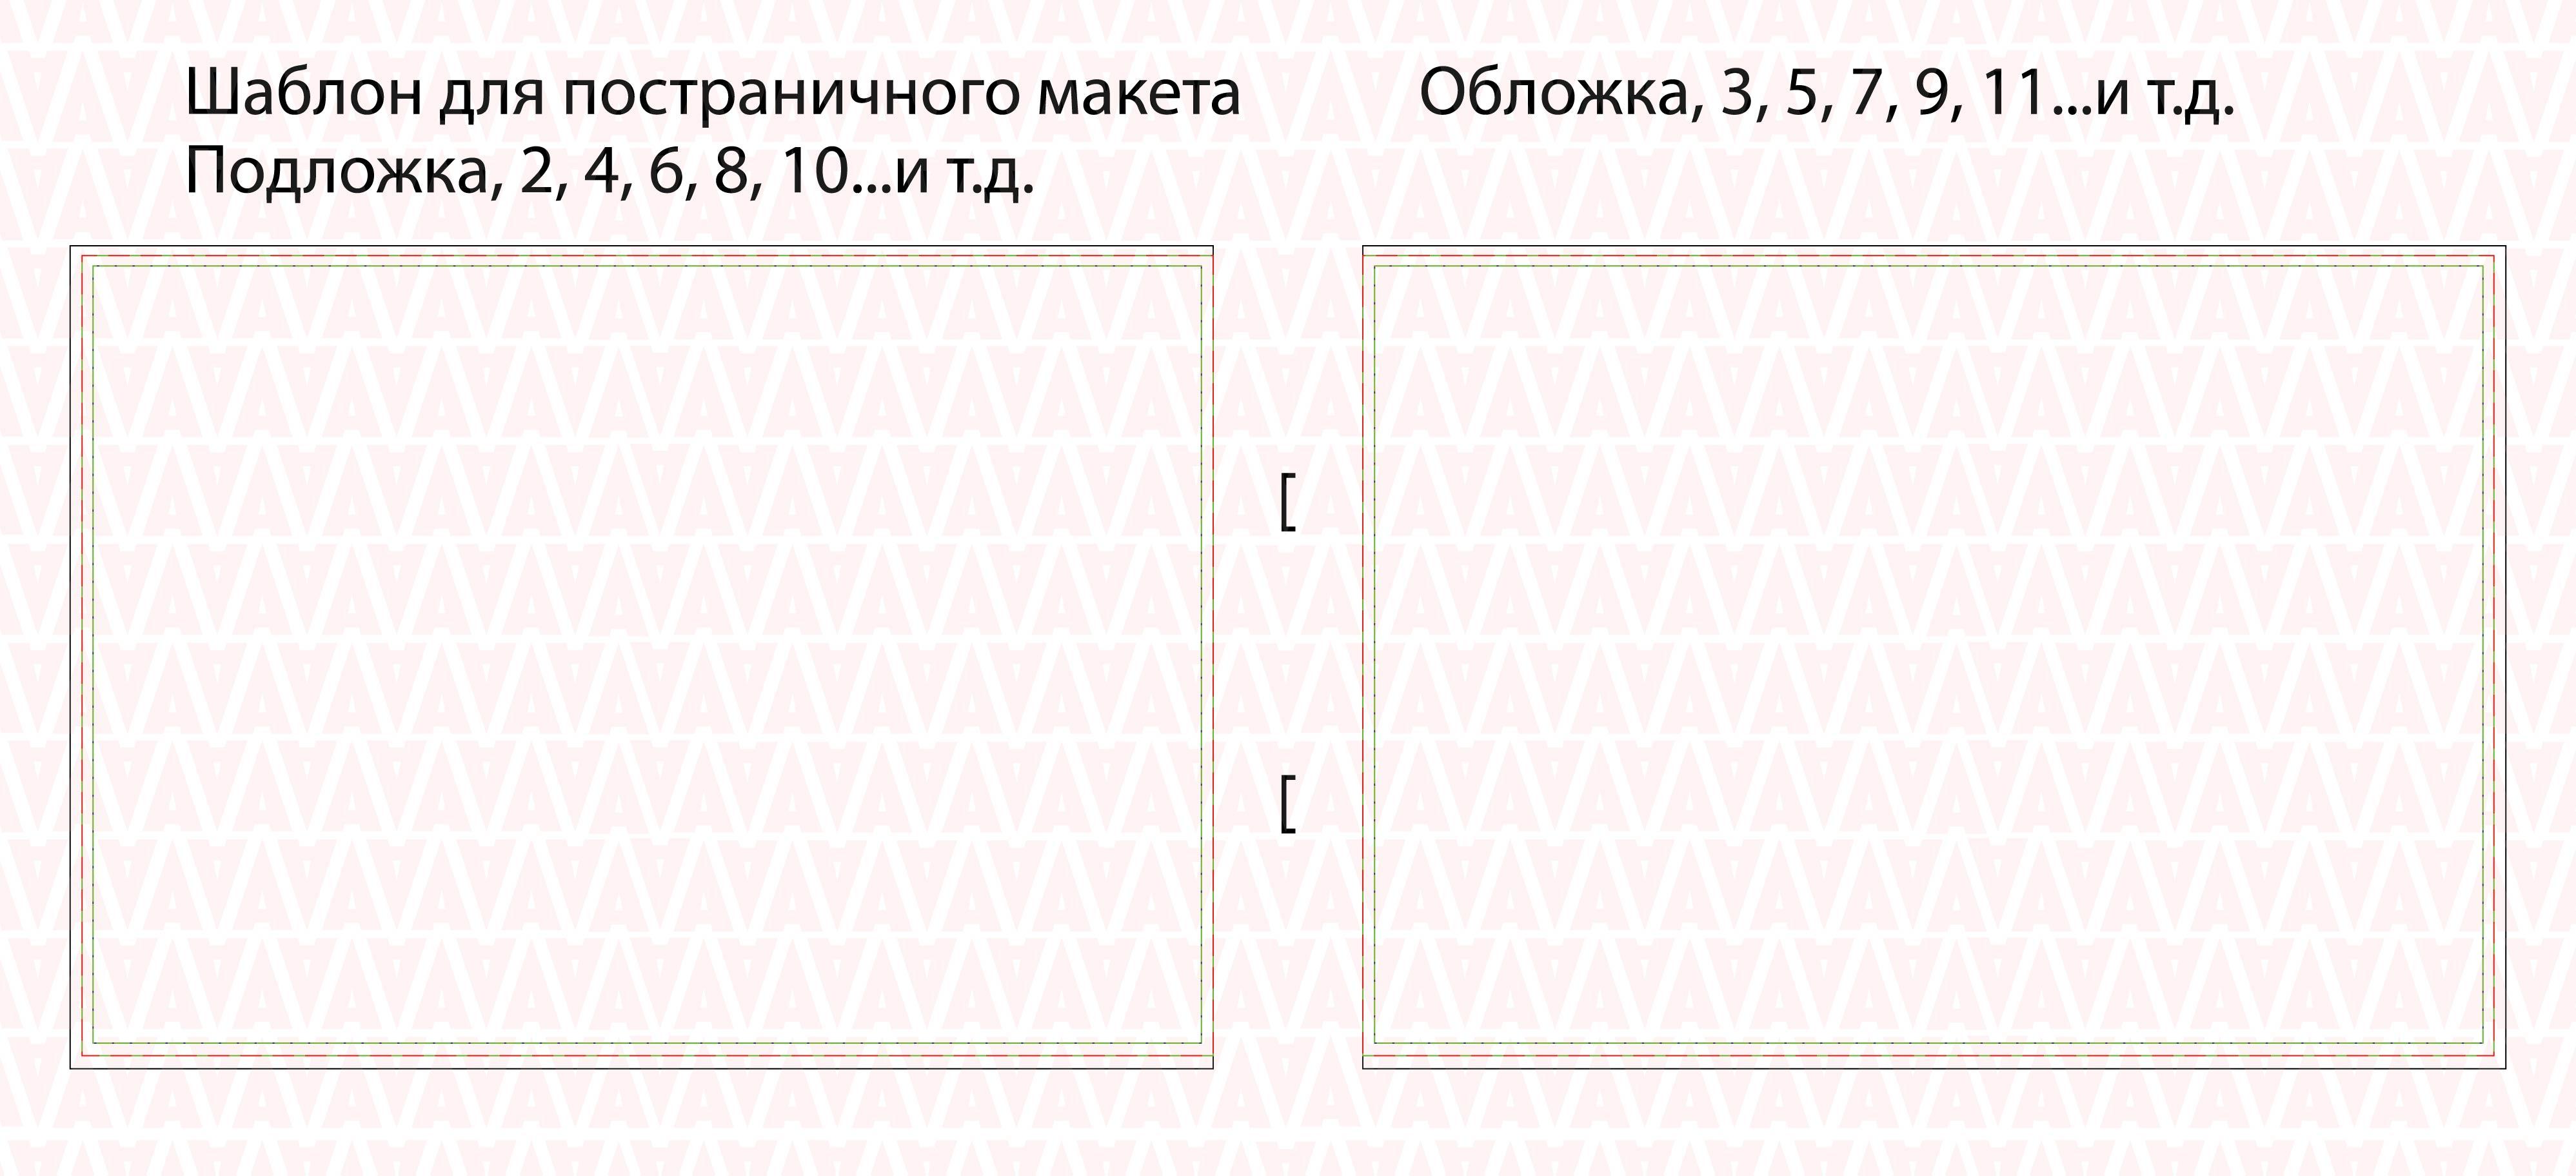 А4 горизонтальная